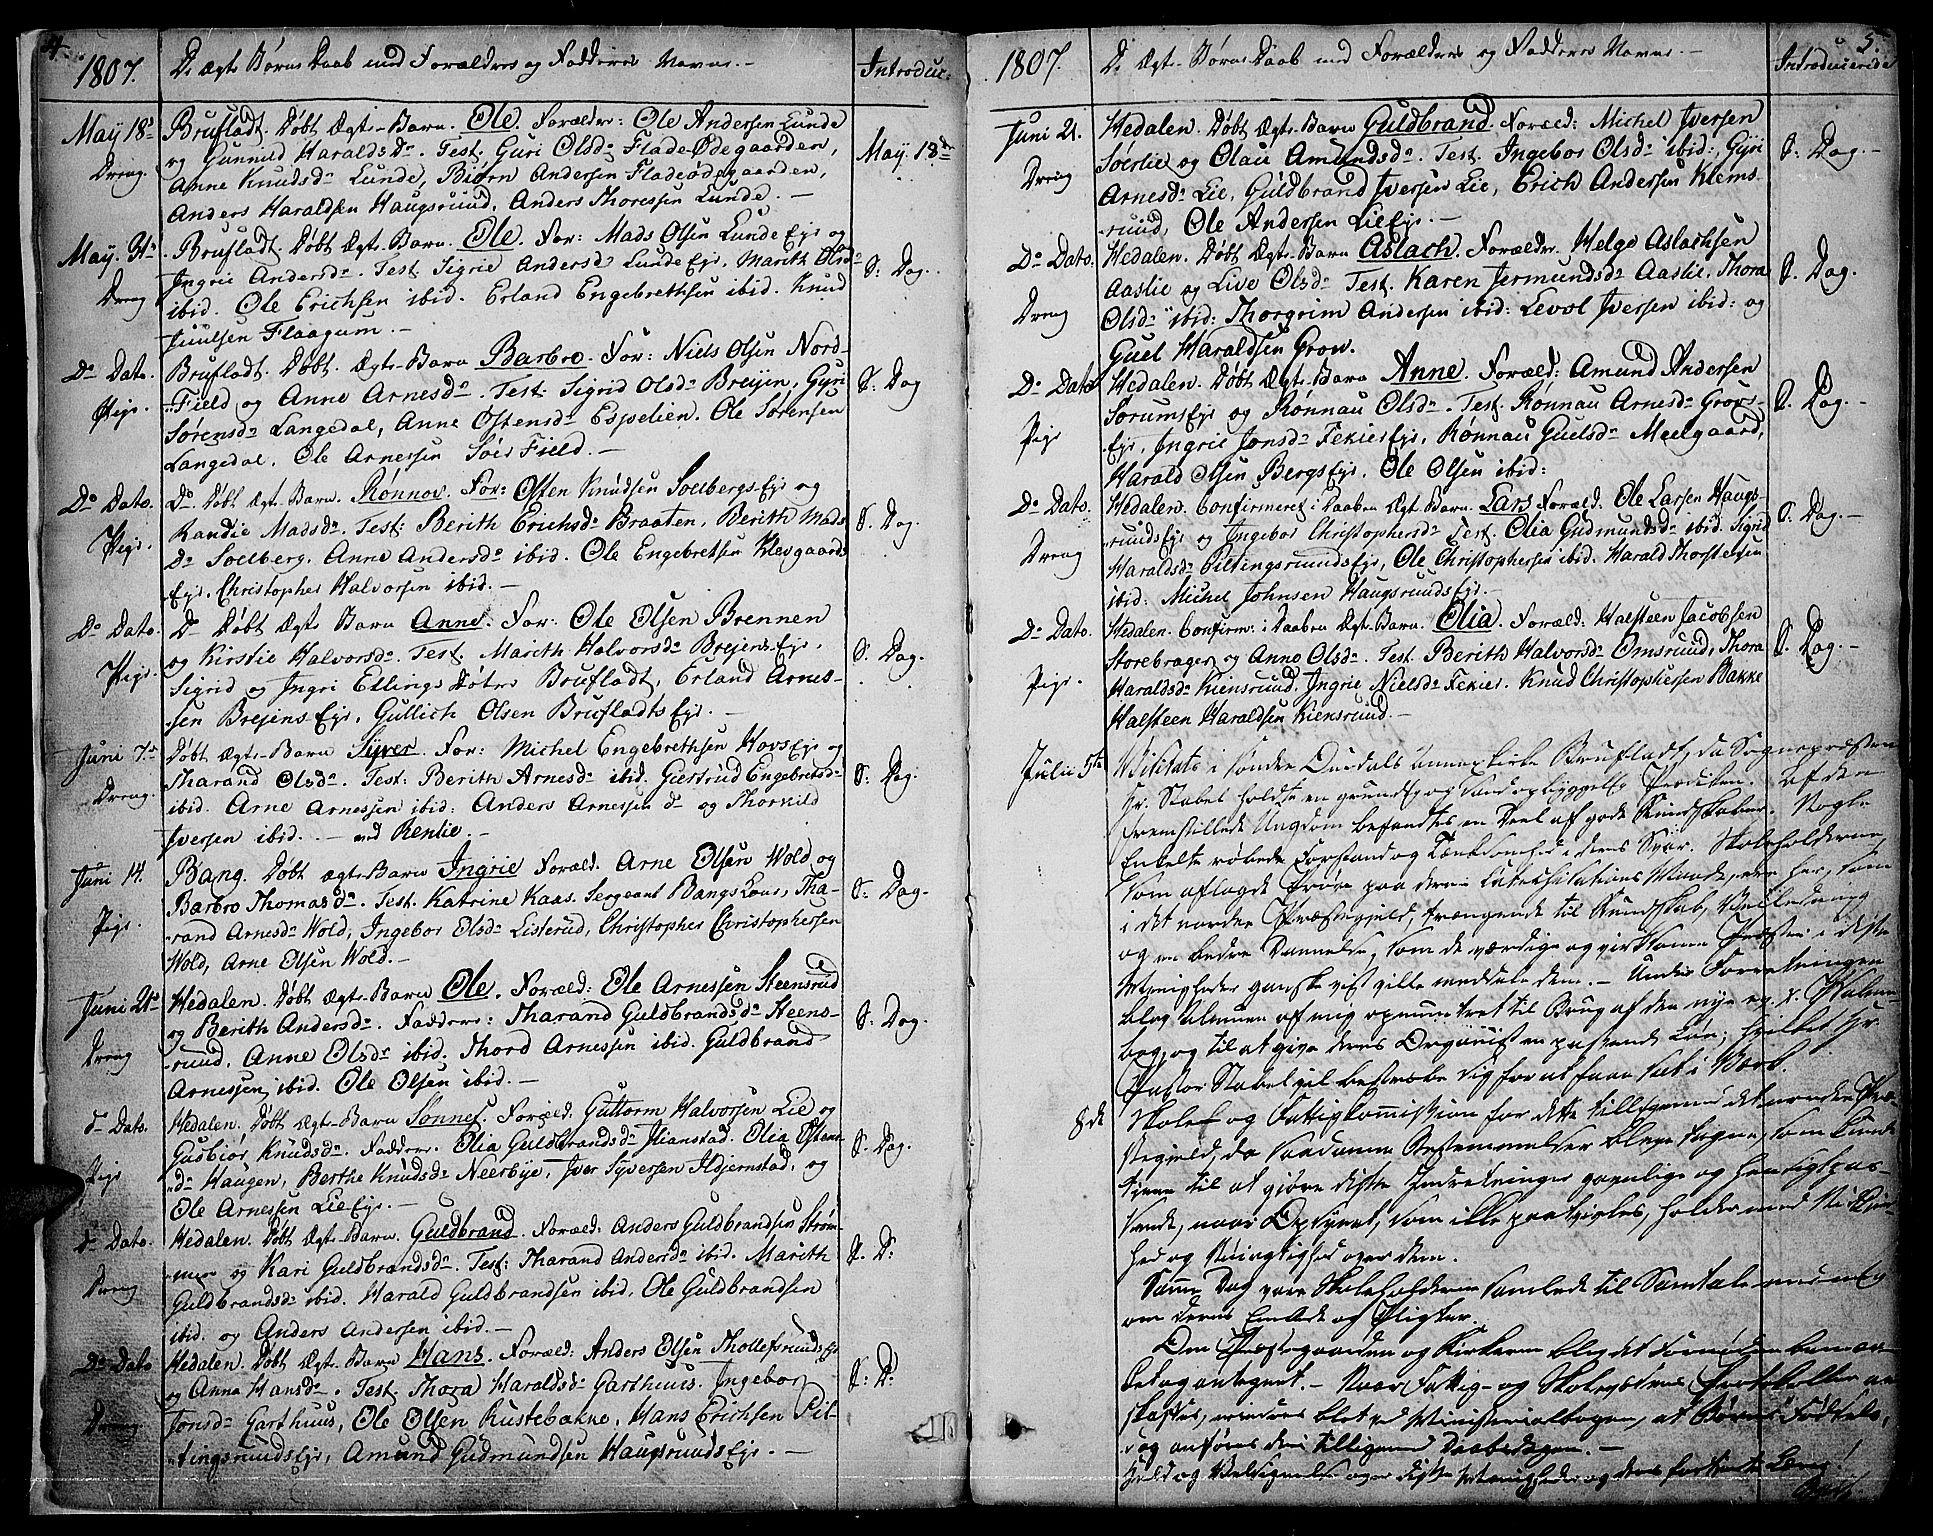 SAH, Sør-Aurdal prestekontor, Ministerialbok nr. 1, 1807-1815, s. 4-5